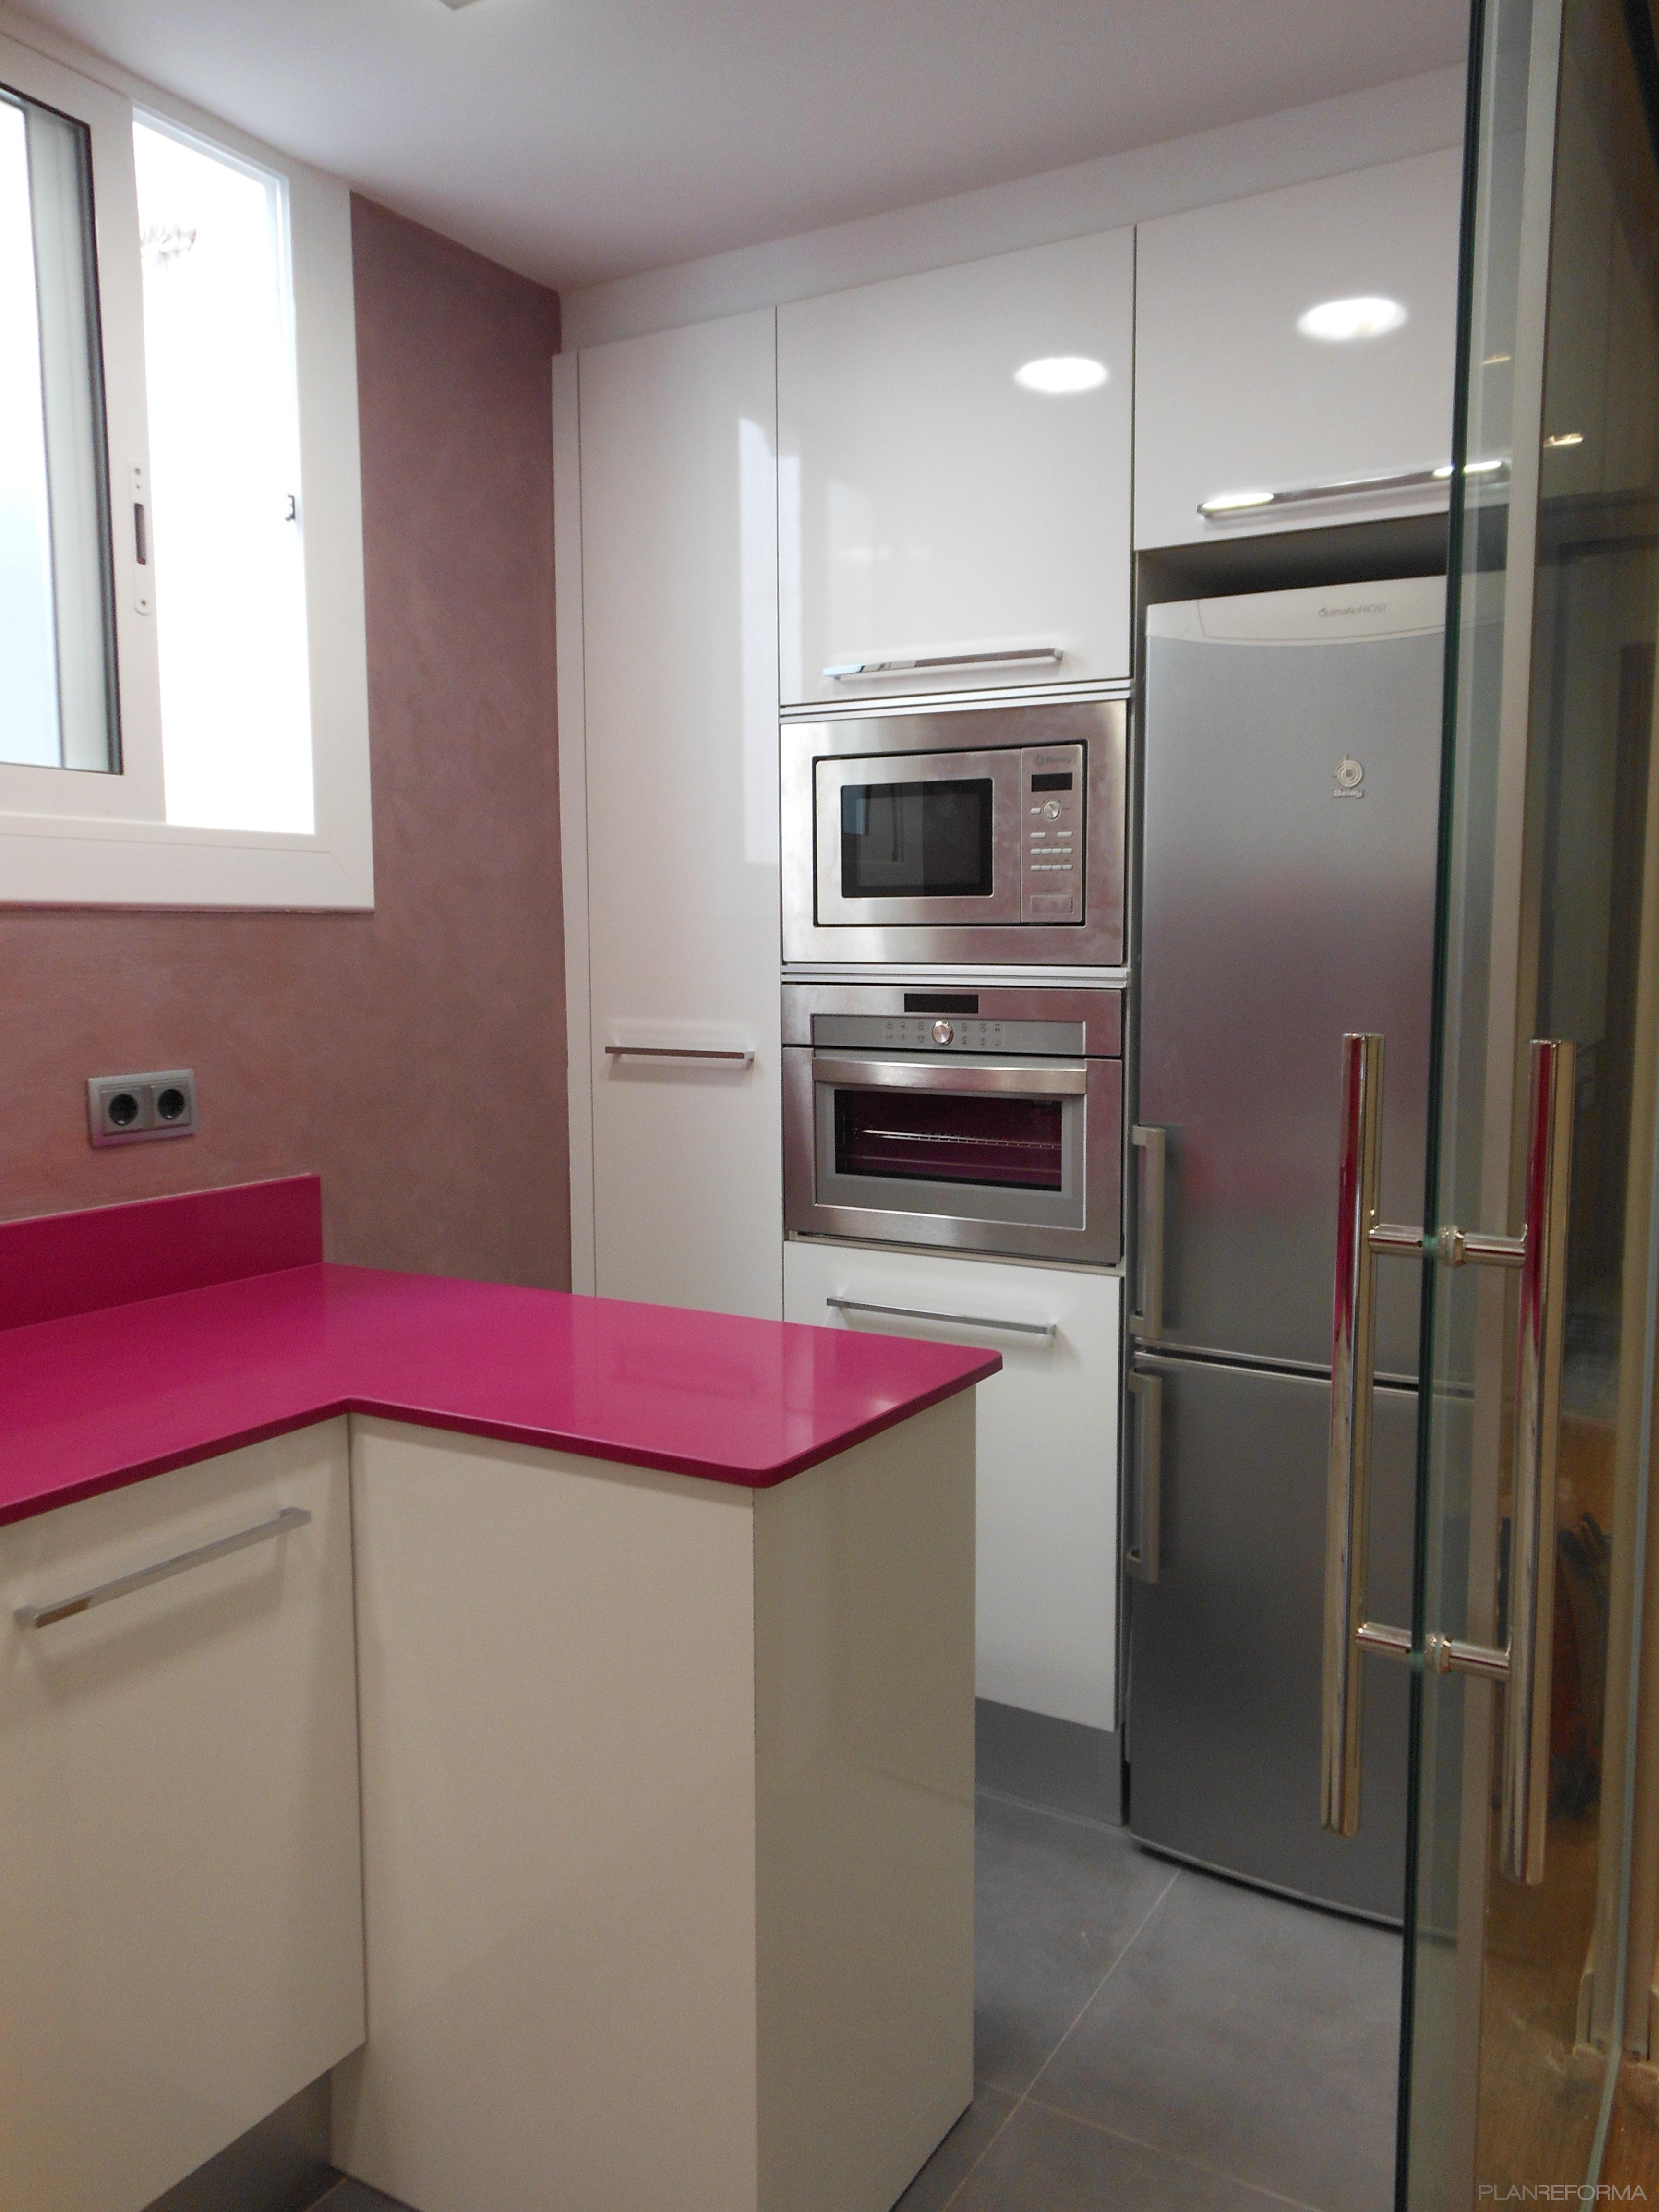 Cocina style moderno color rosa rosa rosa - Cocinas rosa fucsia ...